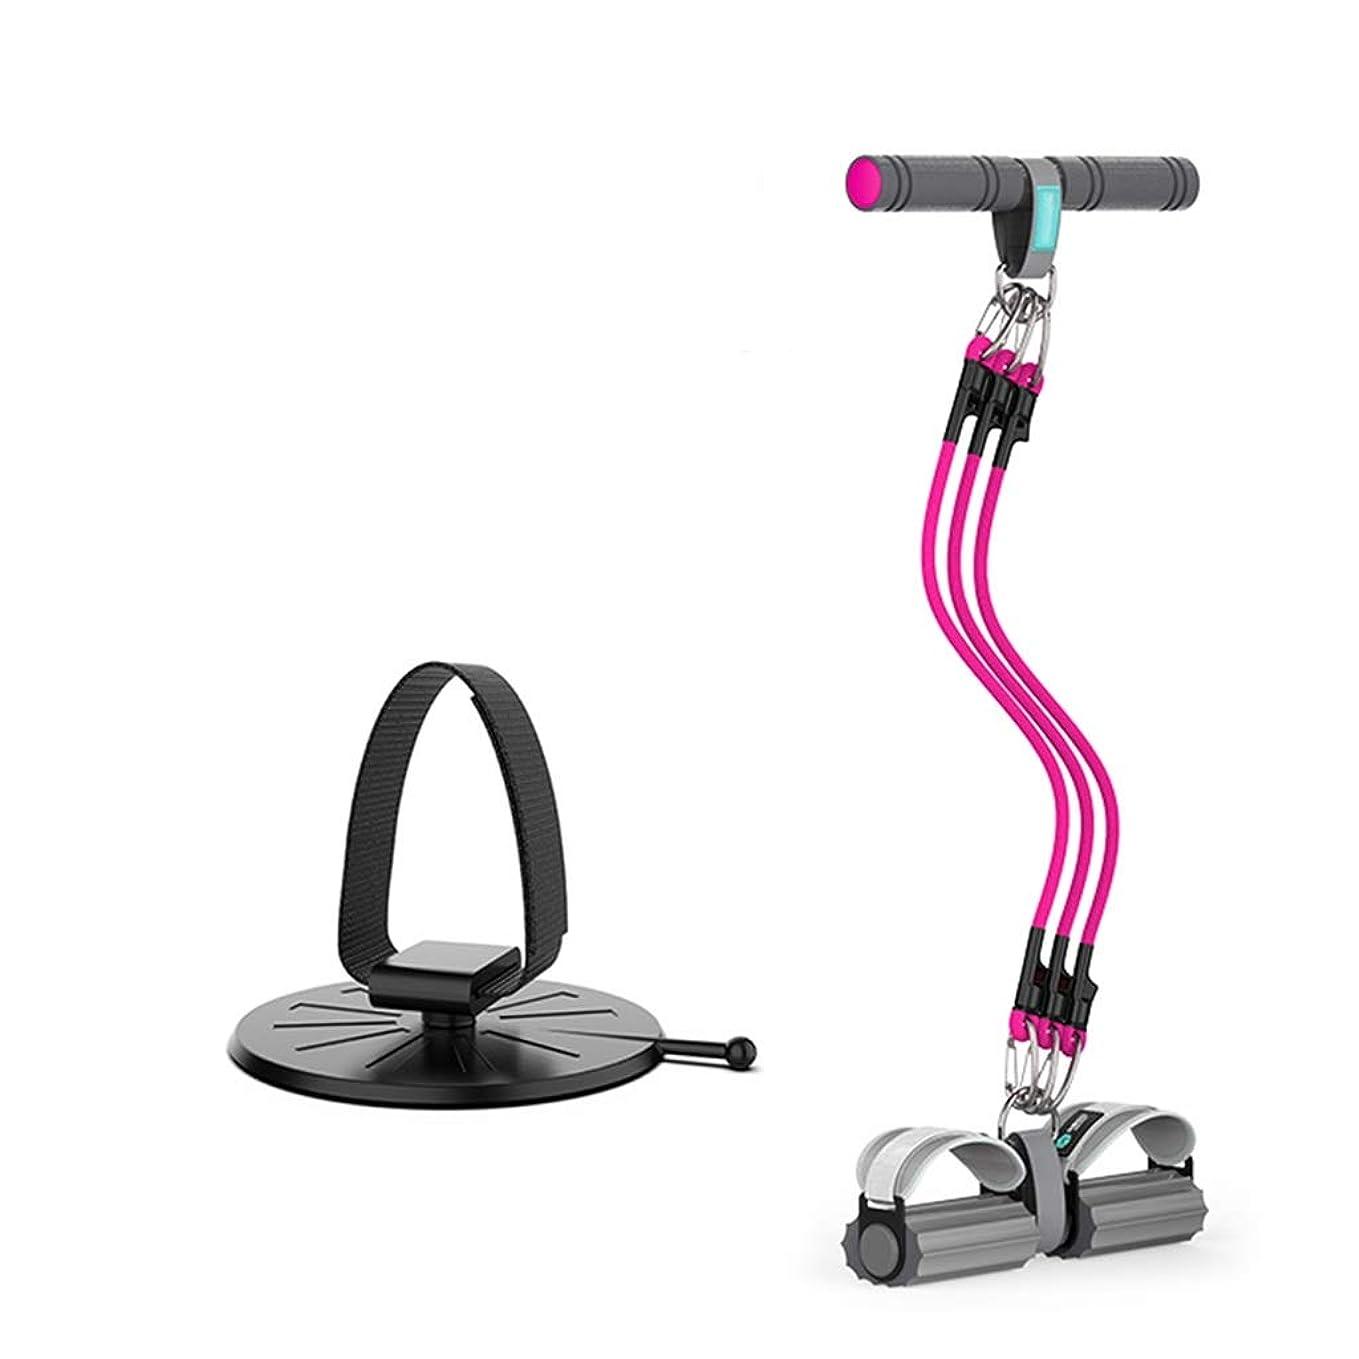 樹皮物理的な明るい腹筋補助、伸縮性巾着ペダルエキスパンダー腹部ウエストストレッチストレッチウェイトトレーニング乗馬プラーフィットネス機器